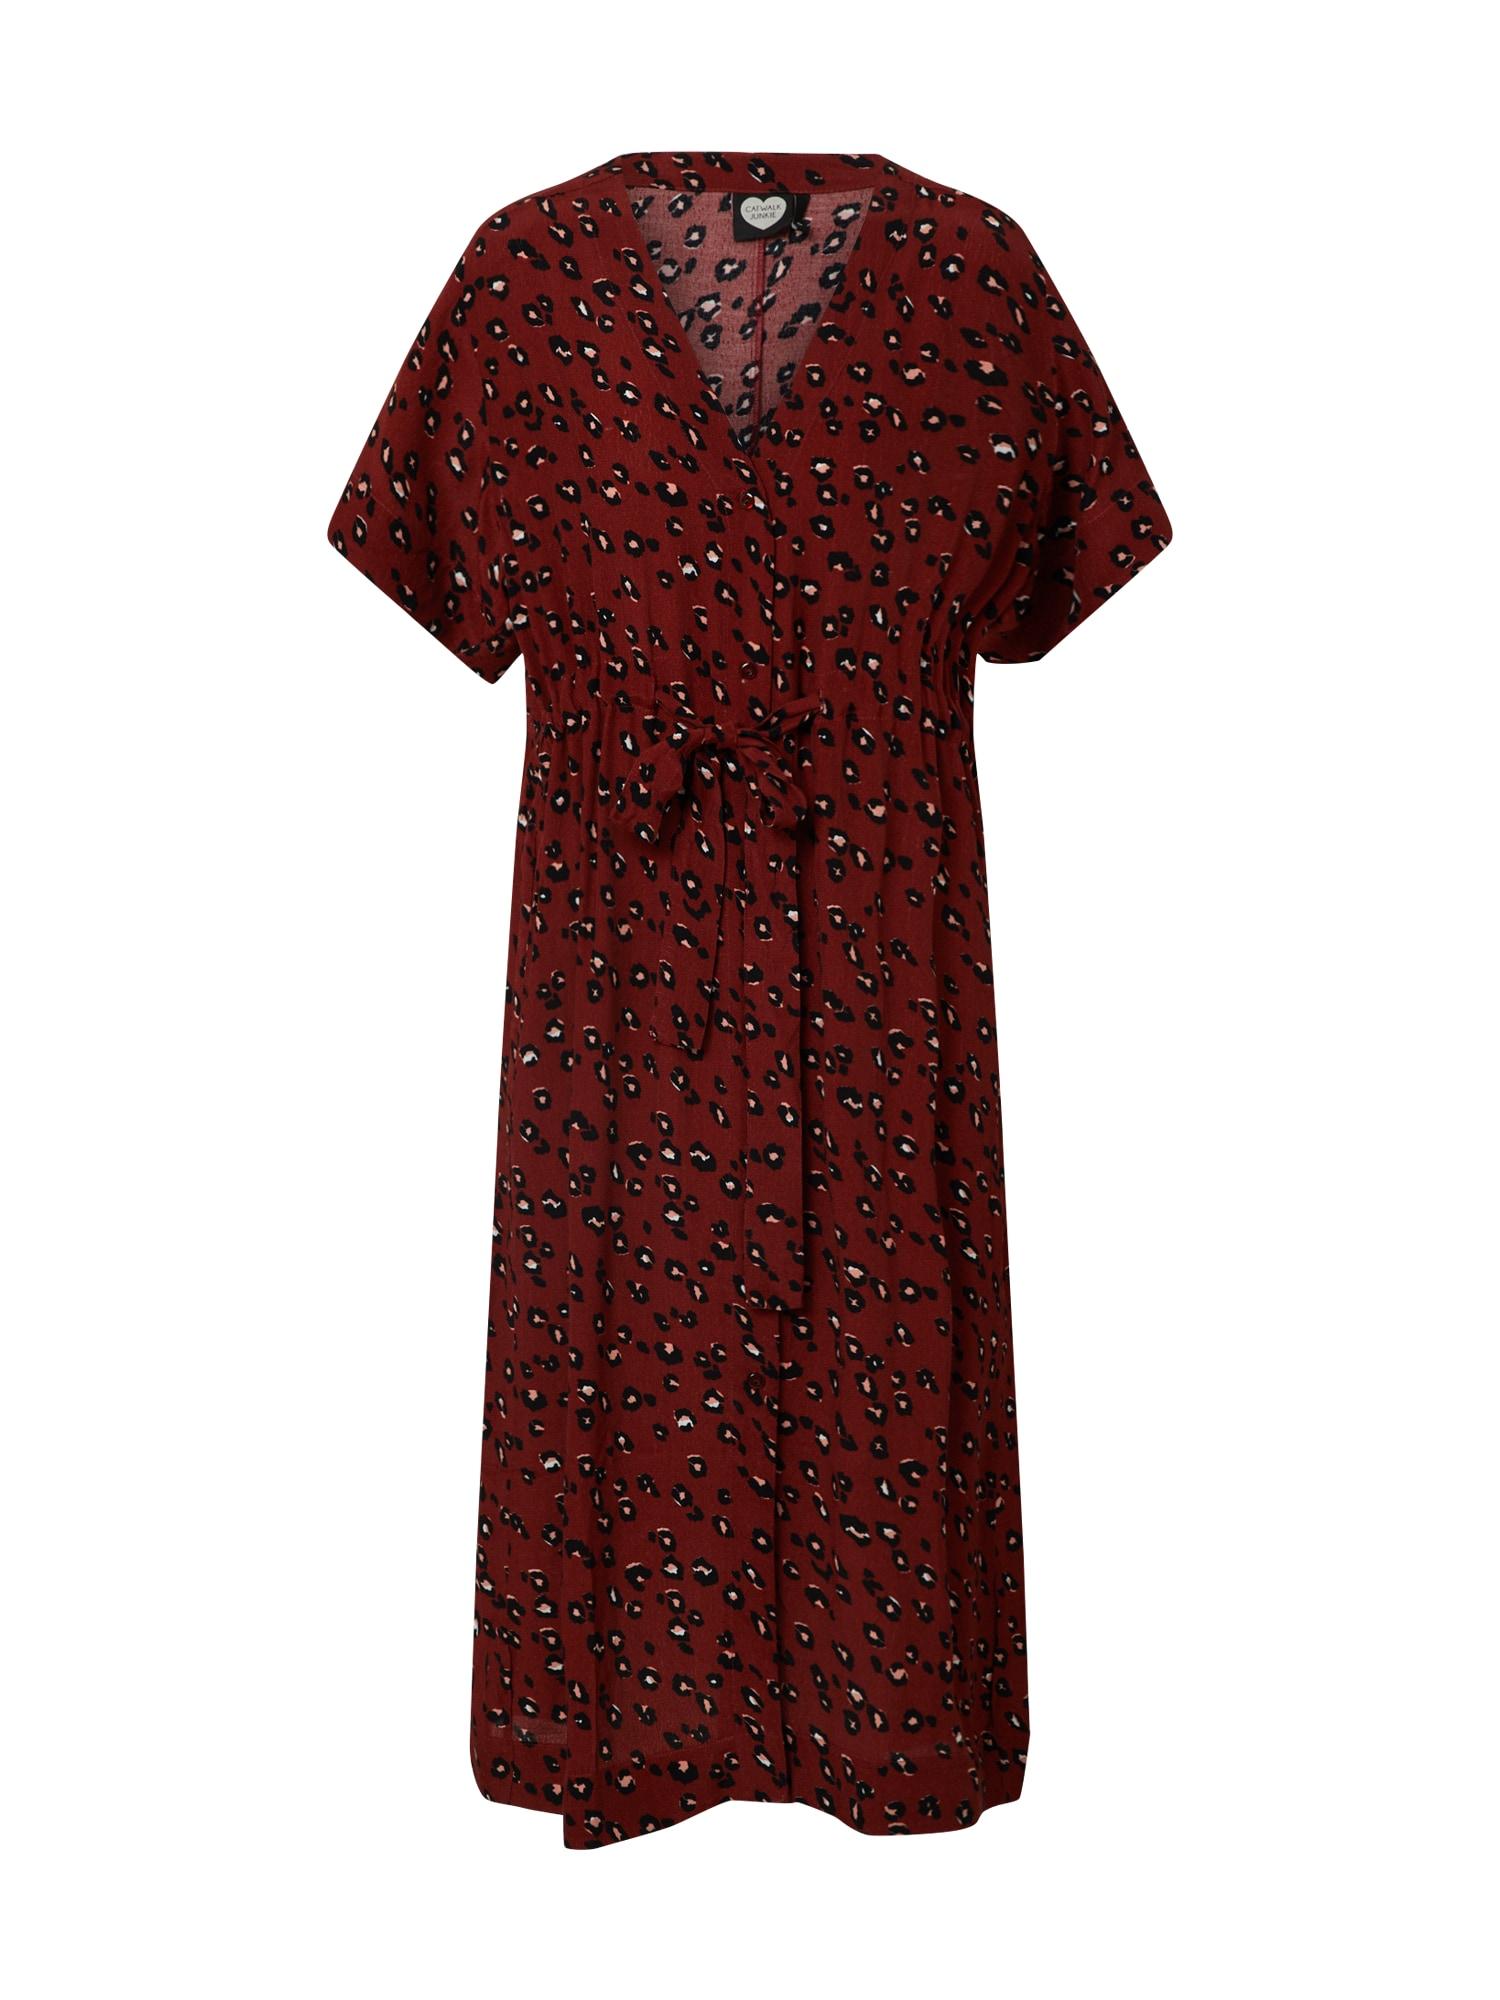 CATWALK JUNKIE Suknelė mišrios spalvos / rūdžių raudona